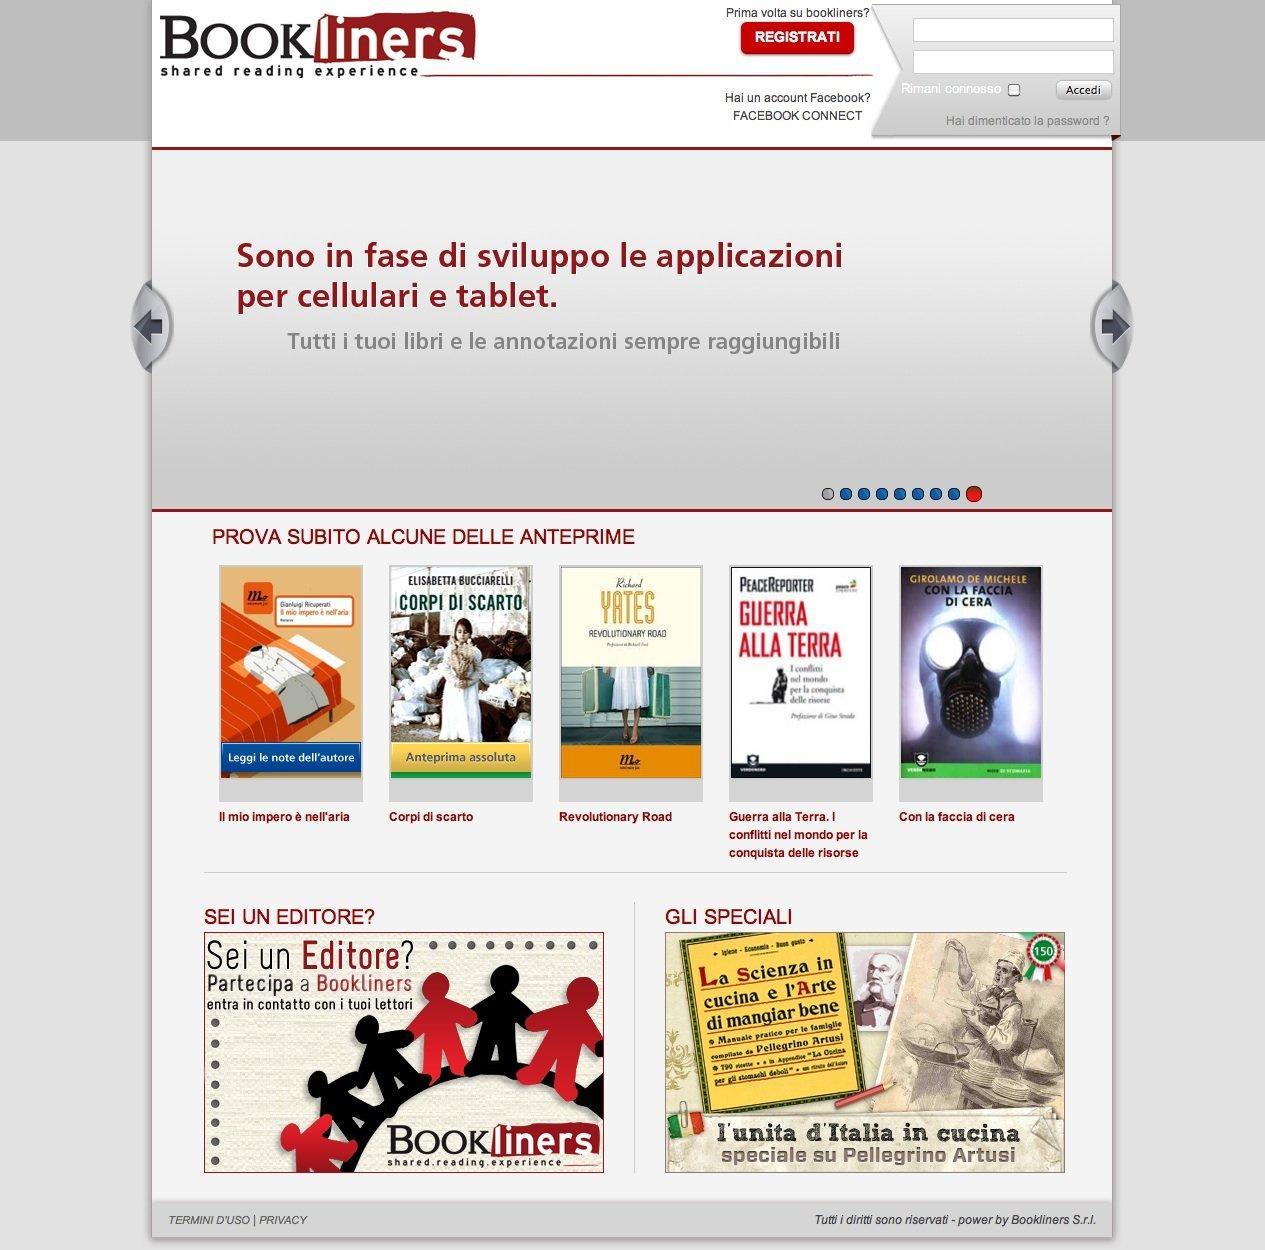 Bookliners: il social network dei libri